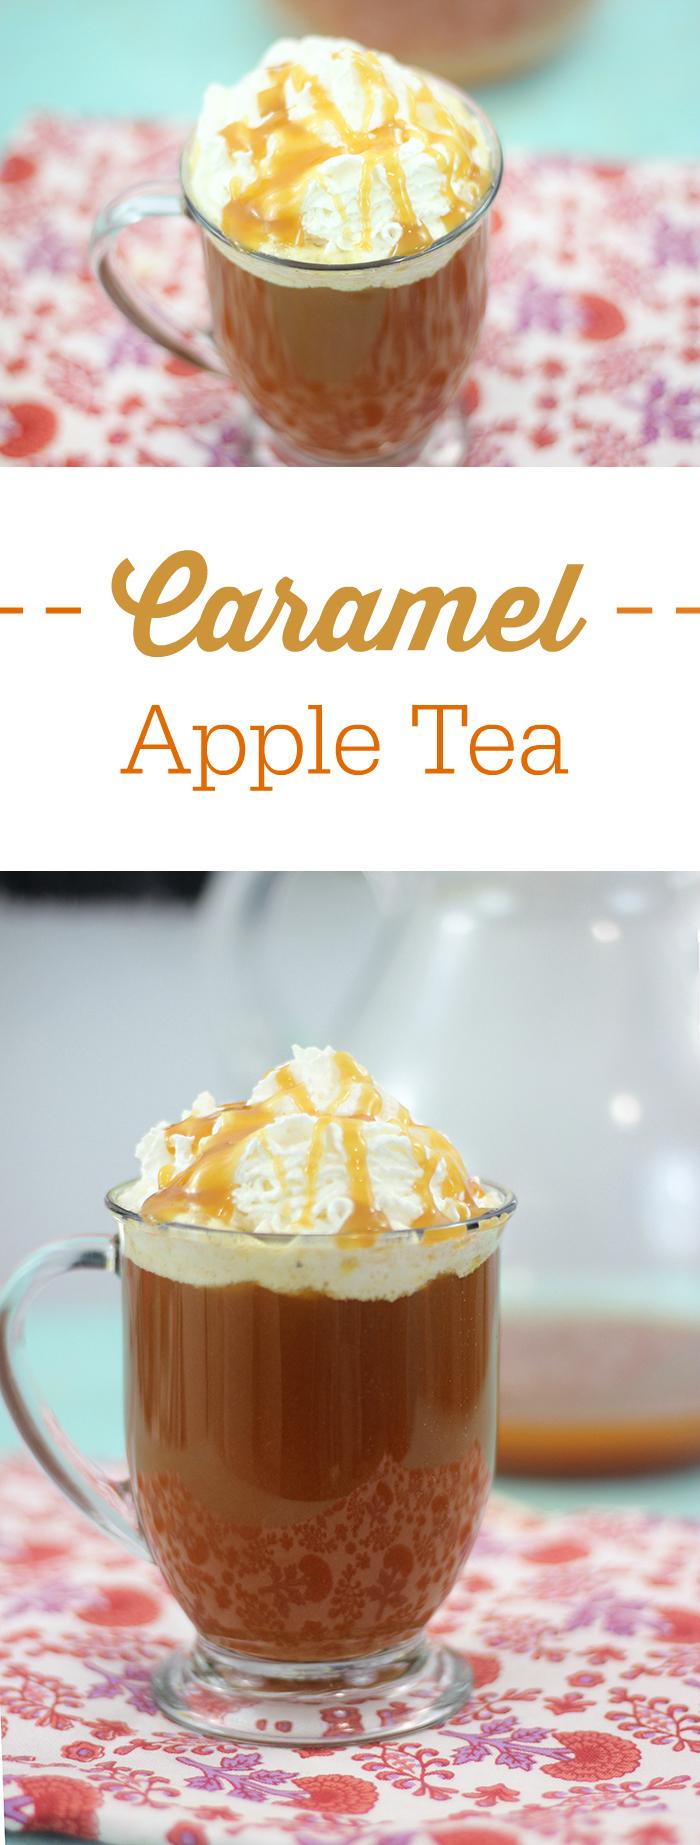 caramel-apple-tea